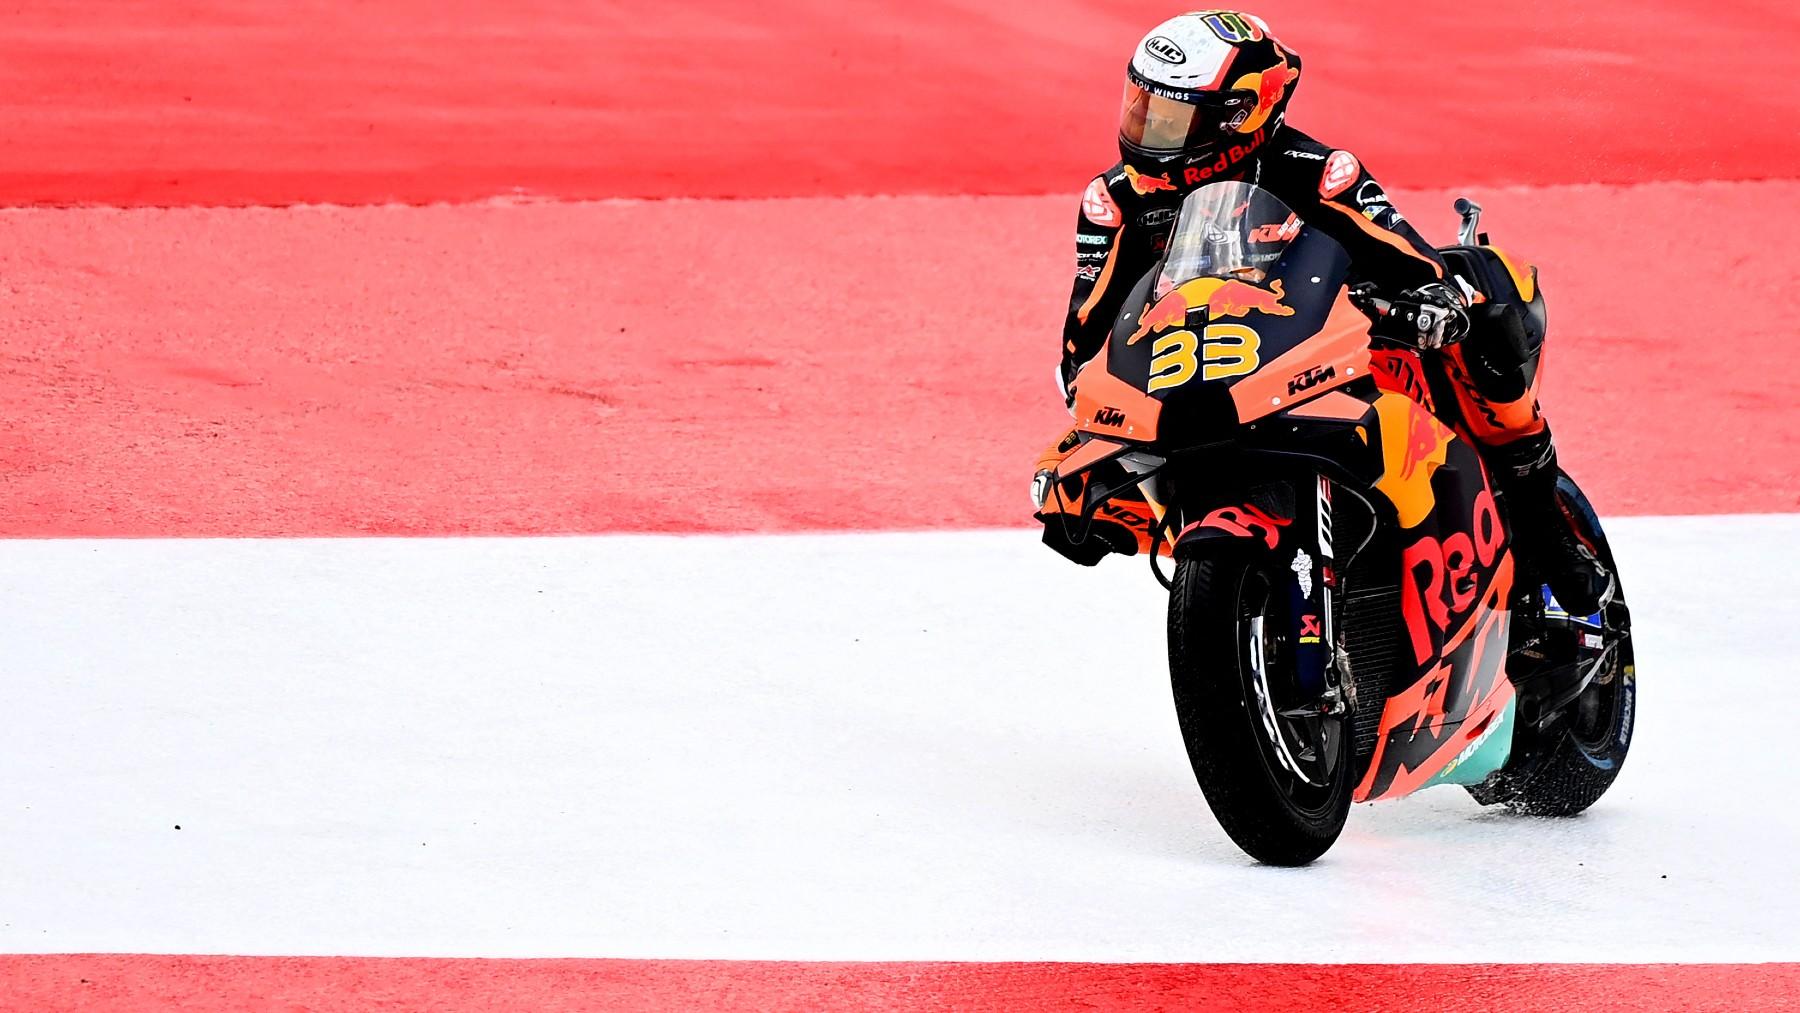 Brad Binder se sale de la pista en el Gran Premio de Austria. (AFP)